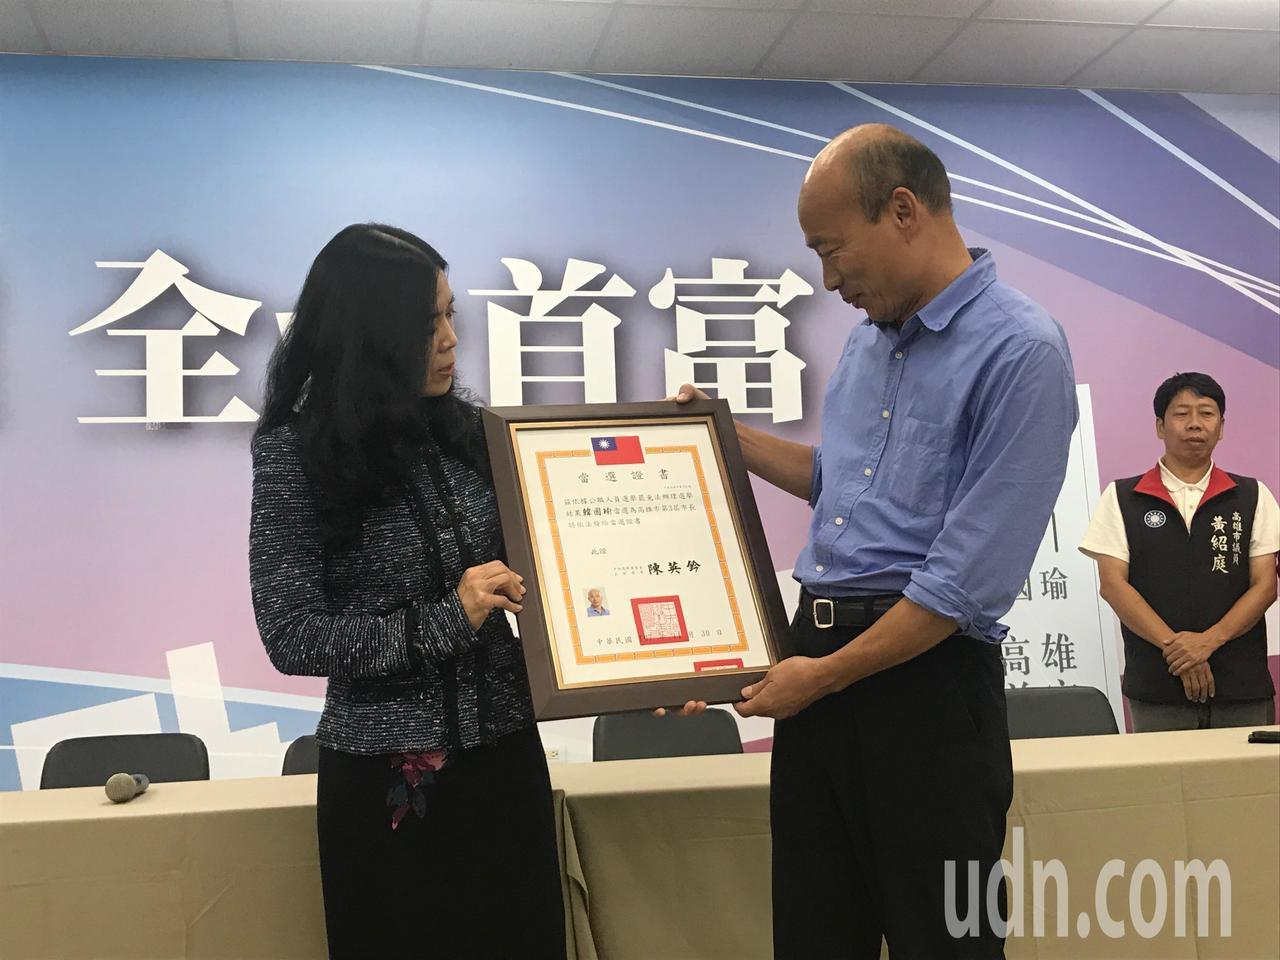 韓國瑜(右)今下午獲頒當選證書。記者林伯驊/攝影